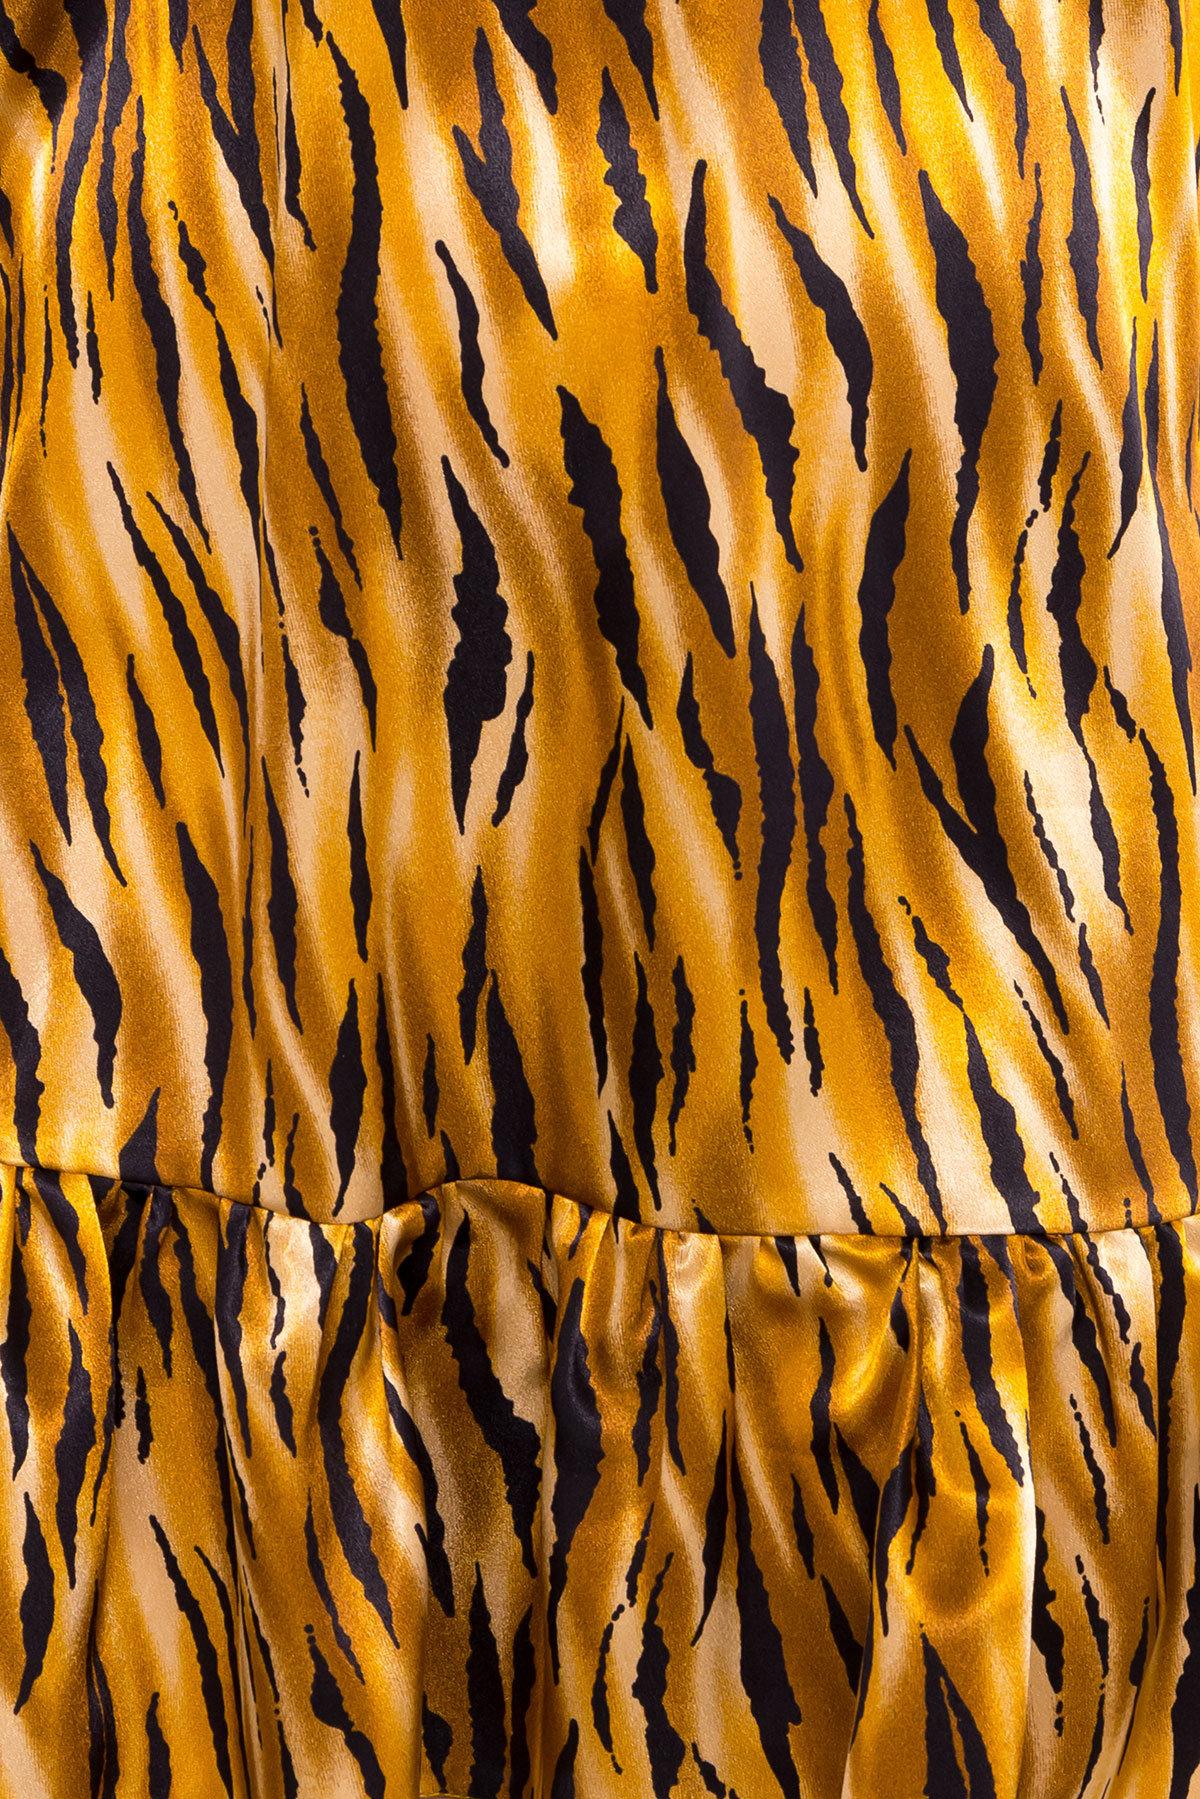 Платье Патрисия 6986 АРТ. 42519 Цвет: тигр оранж/черный - фото 4, интернет магазин tm-modus.ru